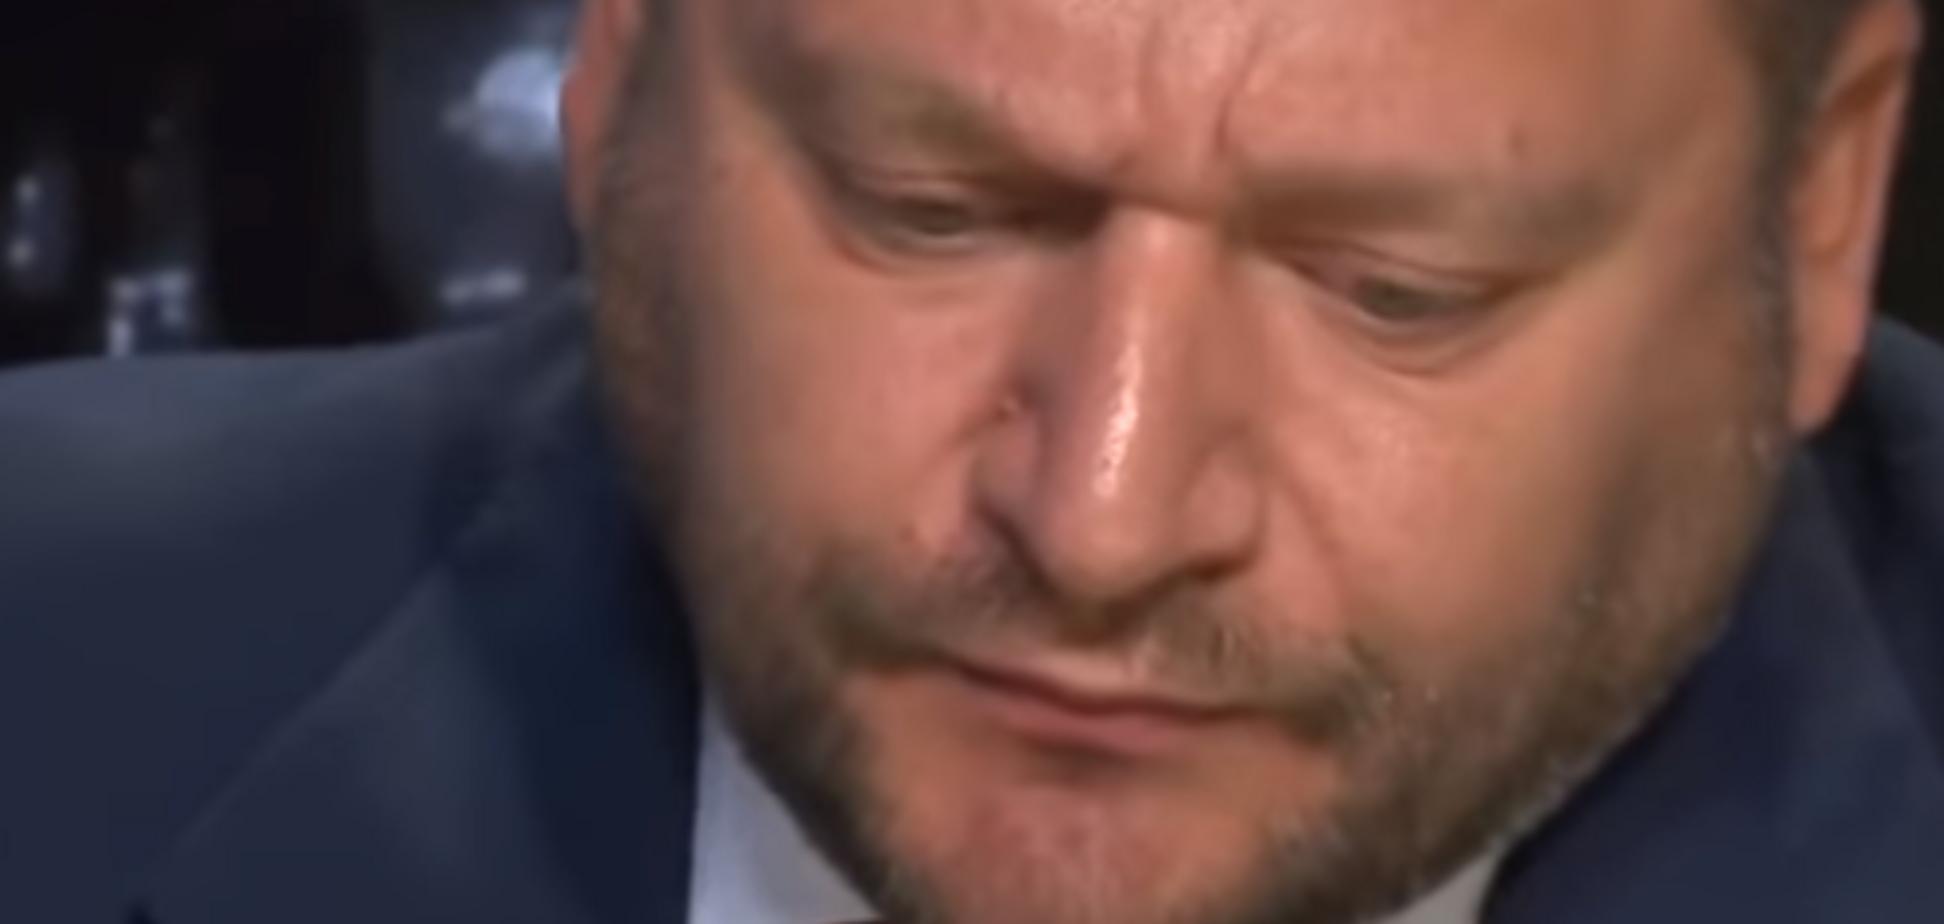 Под куполом сложная энергетика: Добкин объяснил подозрительное поведение брата в Раде